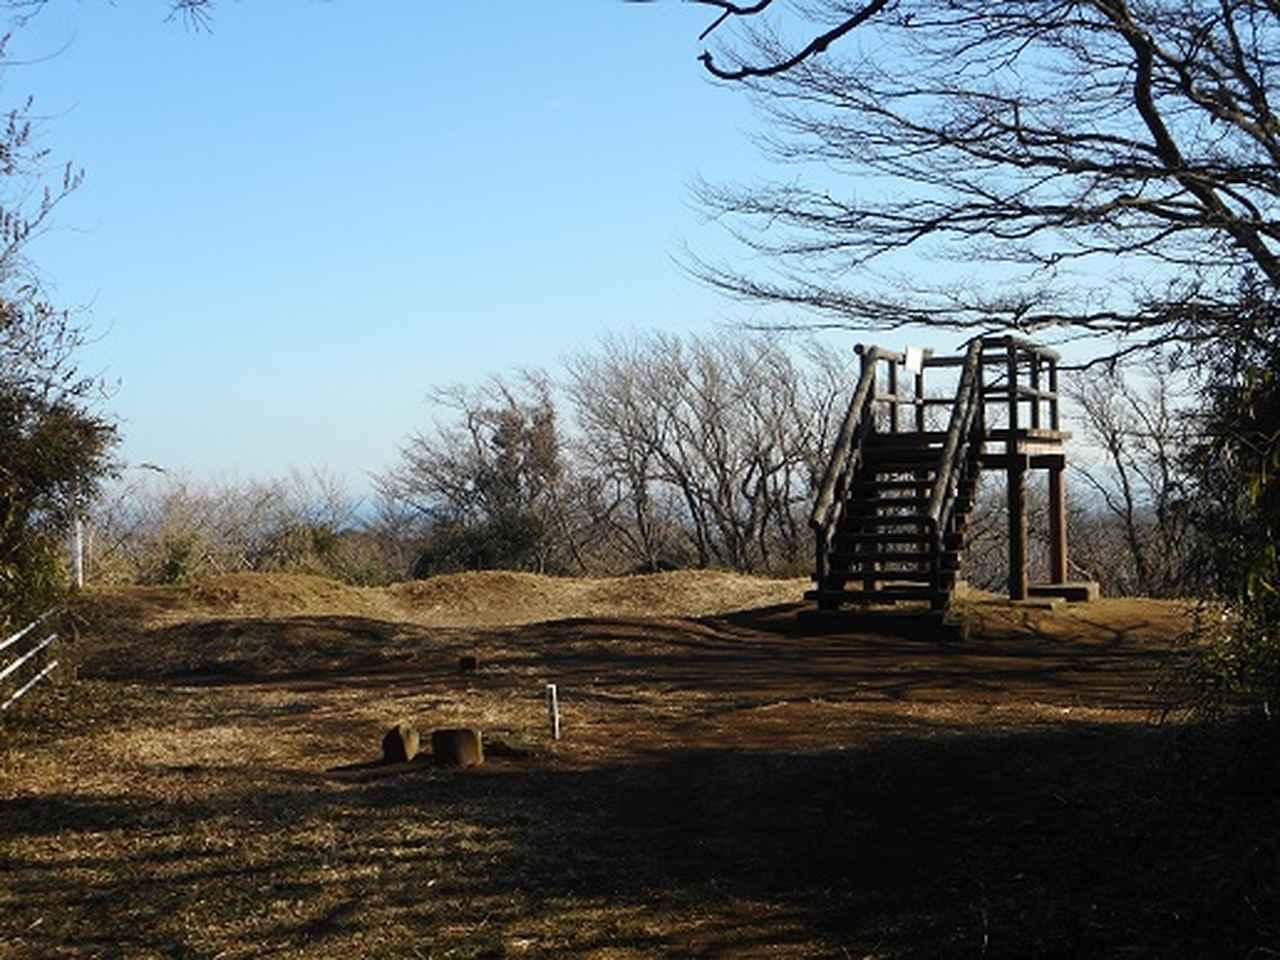 画像9: 【山旅会・登山ガイドこだわりツアー】添乗員からの便り・阿部倉山から二子山ツアーの下見にいってまいりました!